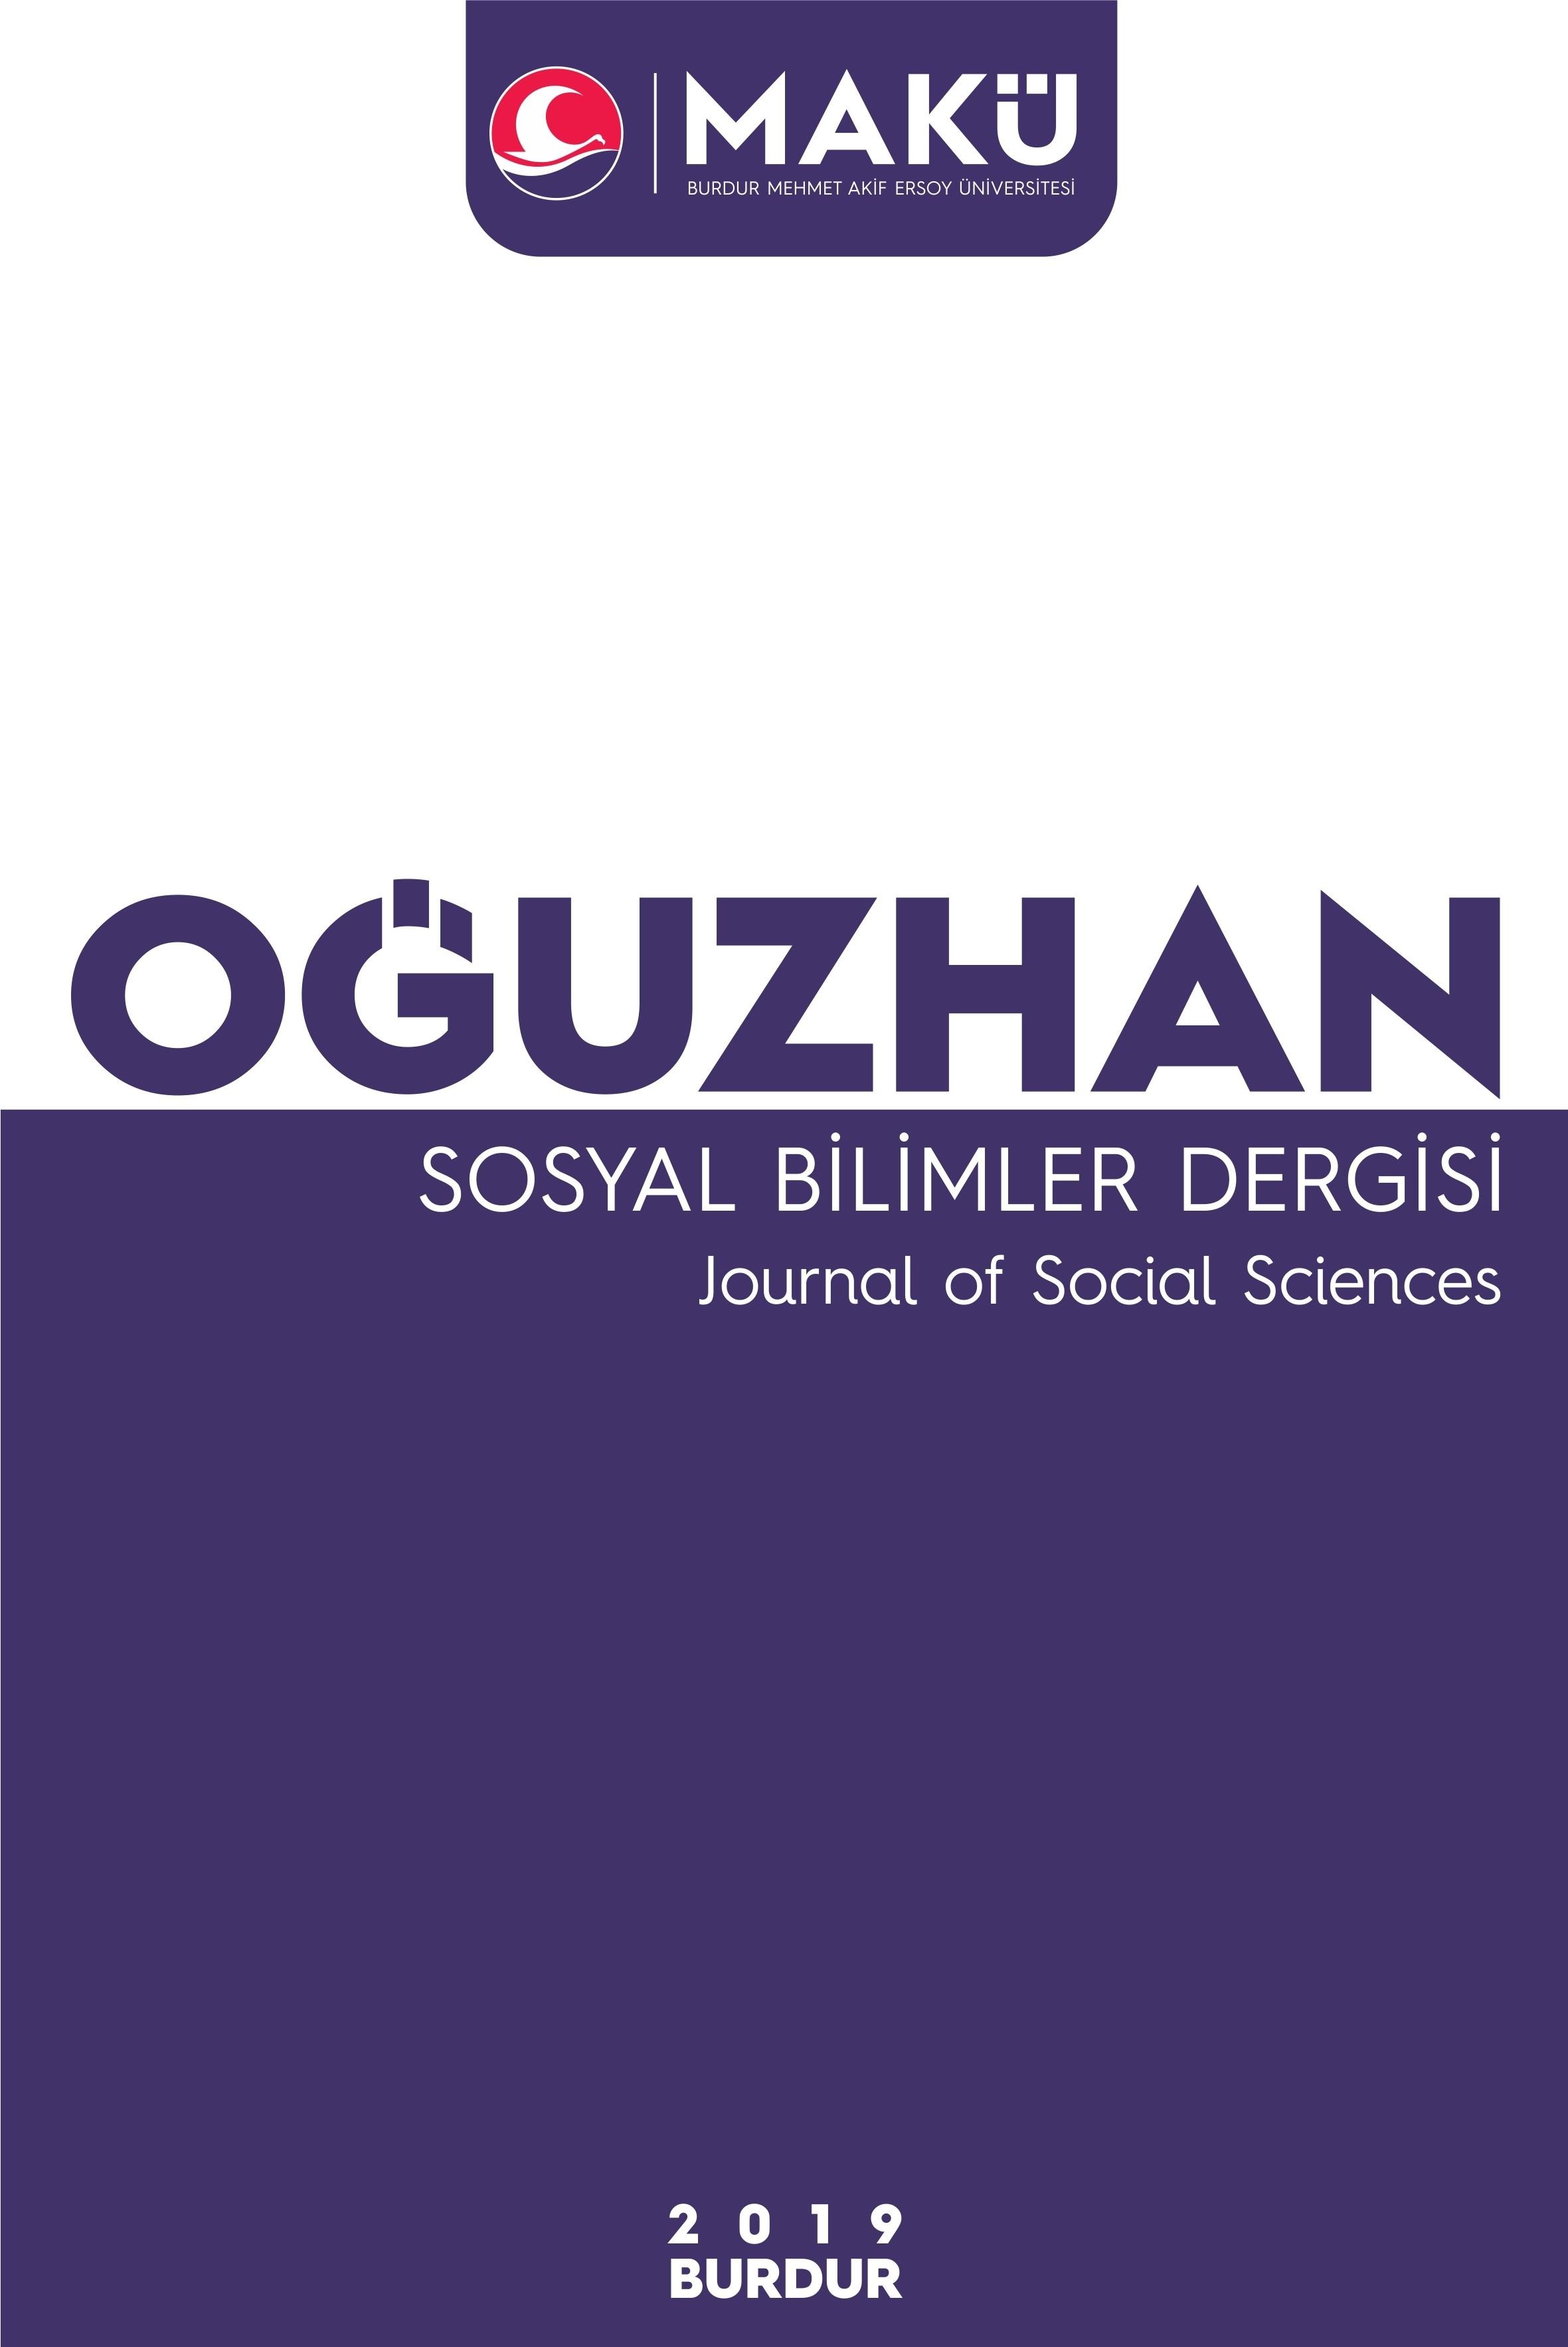 Oğuzhan Sosyal Bilimler Dergisi